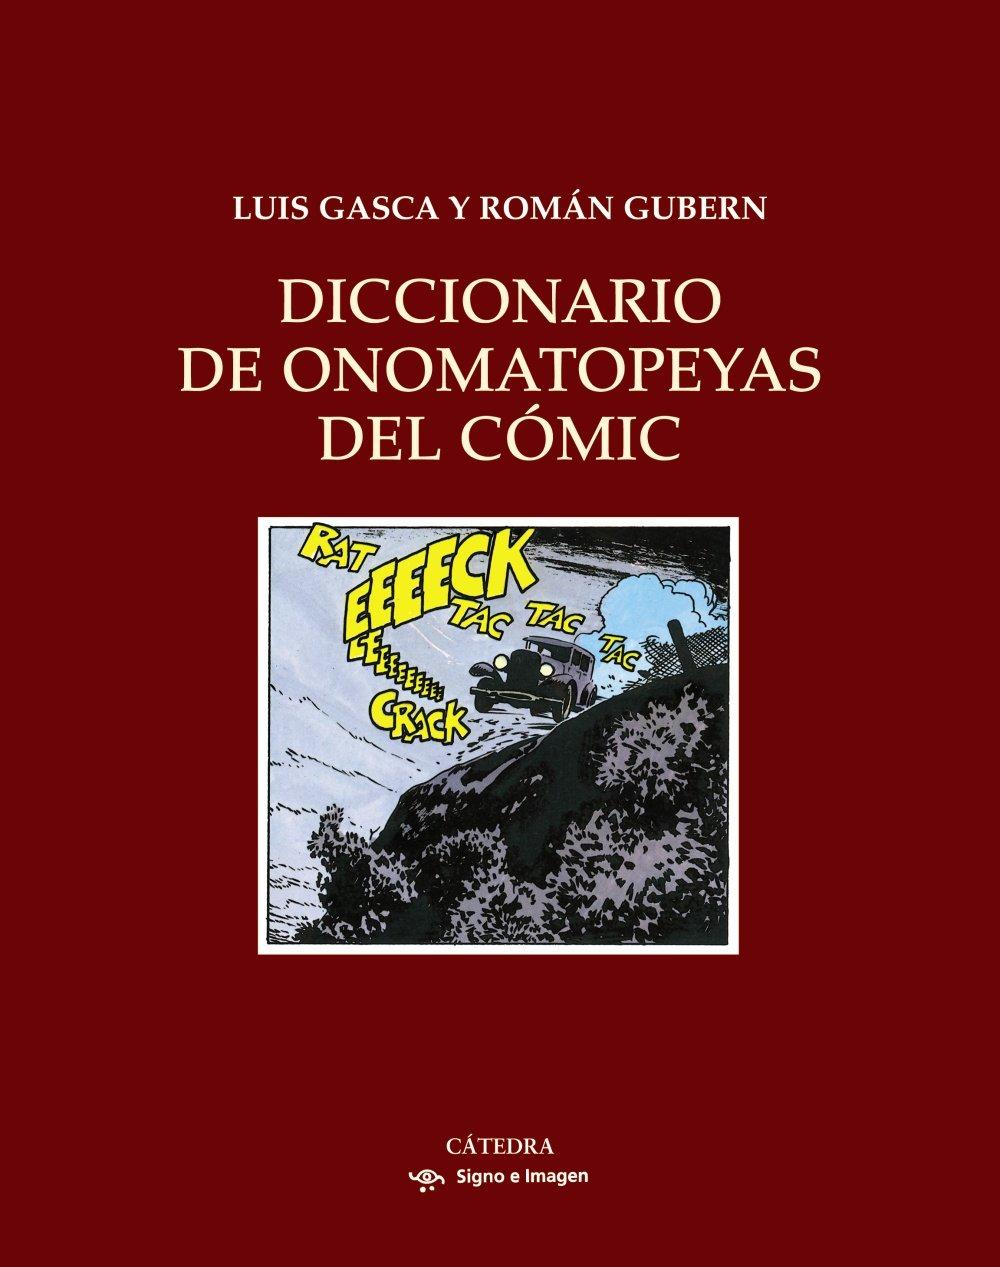 Diccionario de onomatopeyas del cómic (Signo E Imagen) Tapa dura – 20 oct 2008 Román Gubern Luis Gasca Cátedra 8437625017